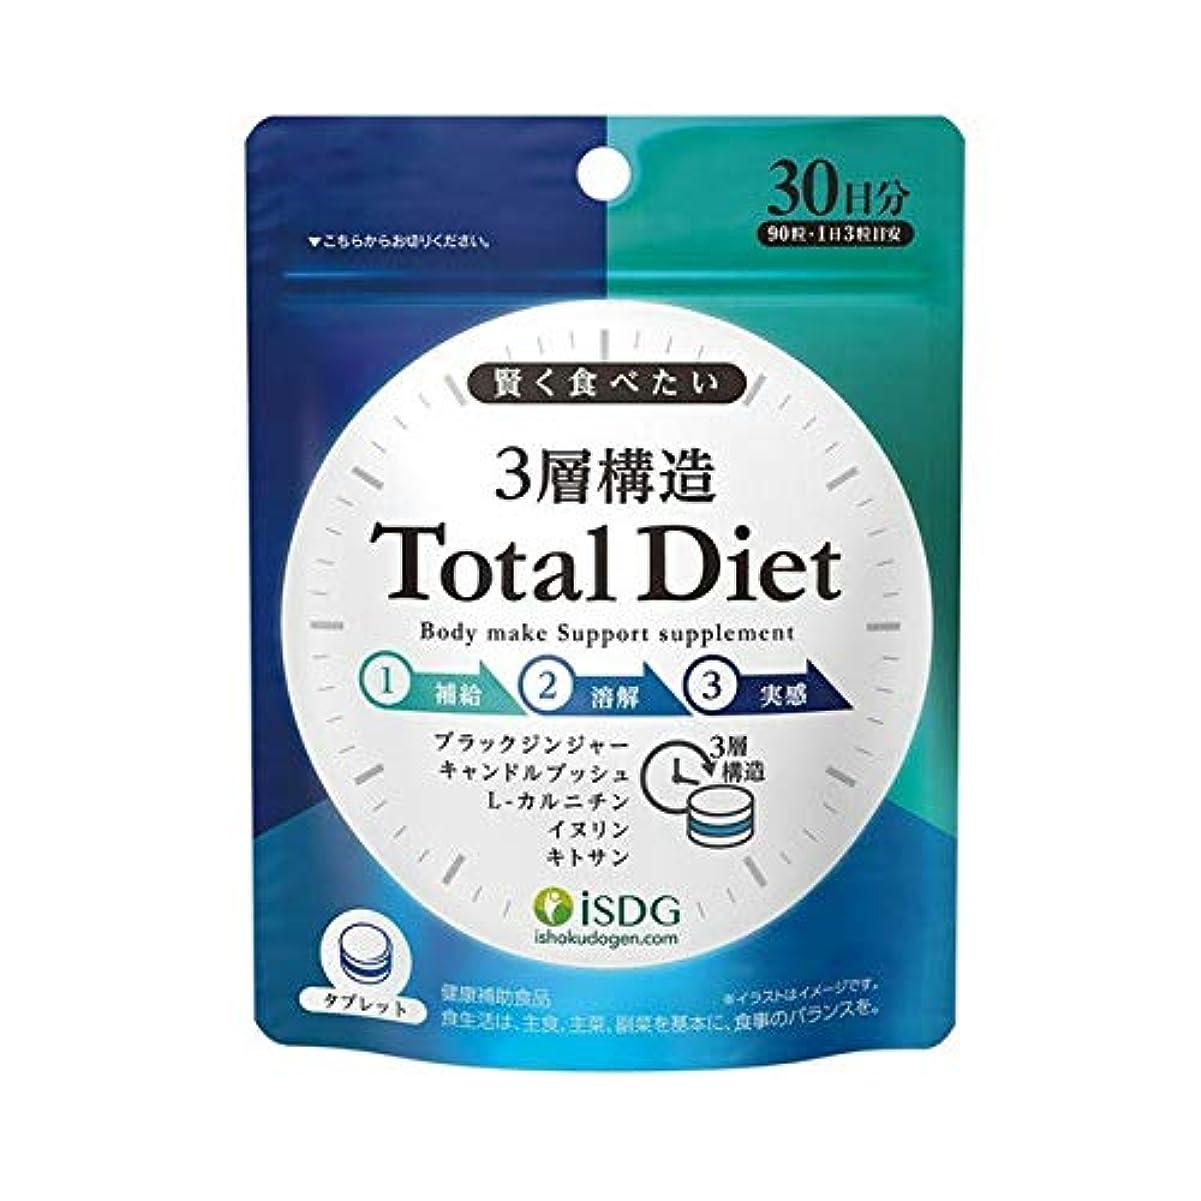 司書招待ピクニックをする医食同源ドットコム ISDG 3層構造 Total Diet 90粒入 トータル ダイエット×5個セット